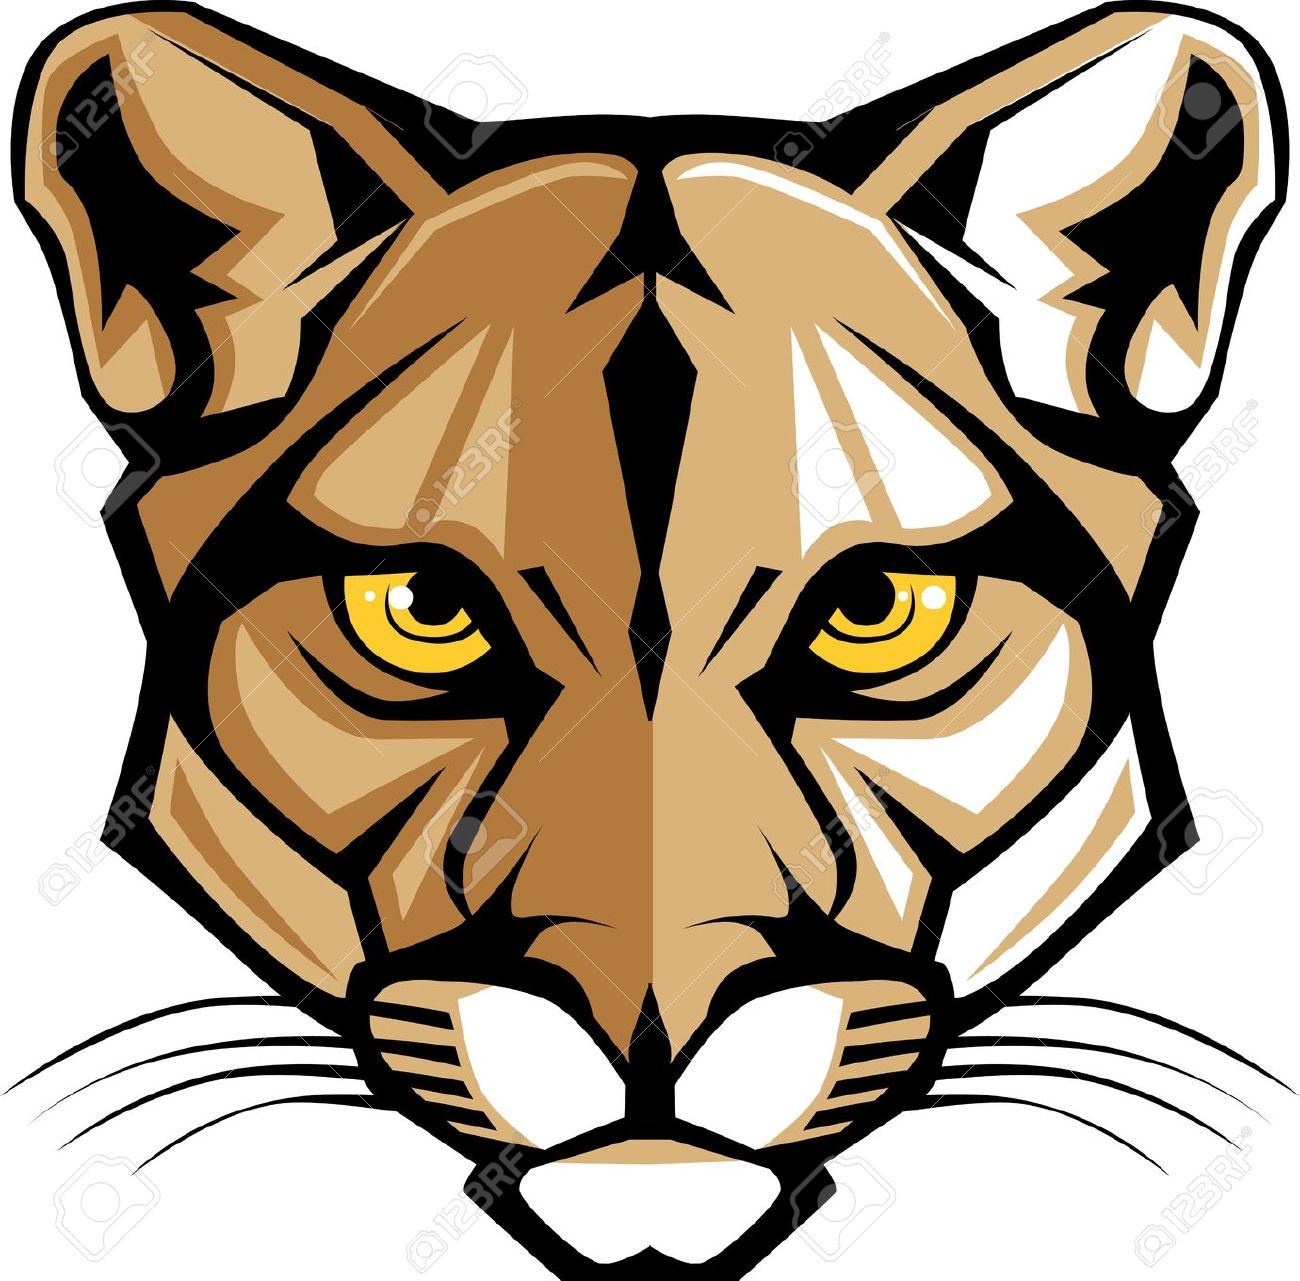 Wildcat clipart lion's Cliparts Wildcat Art Clipartfest Head